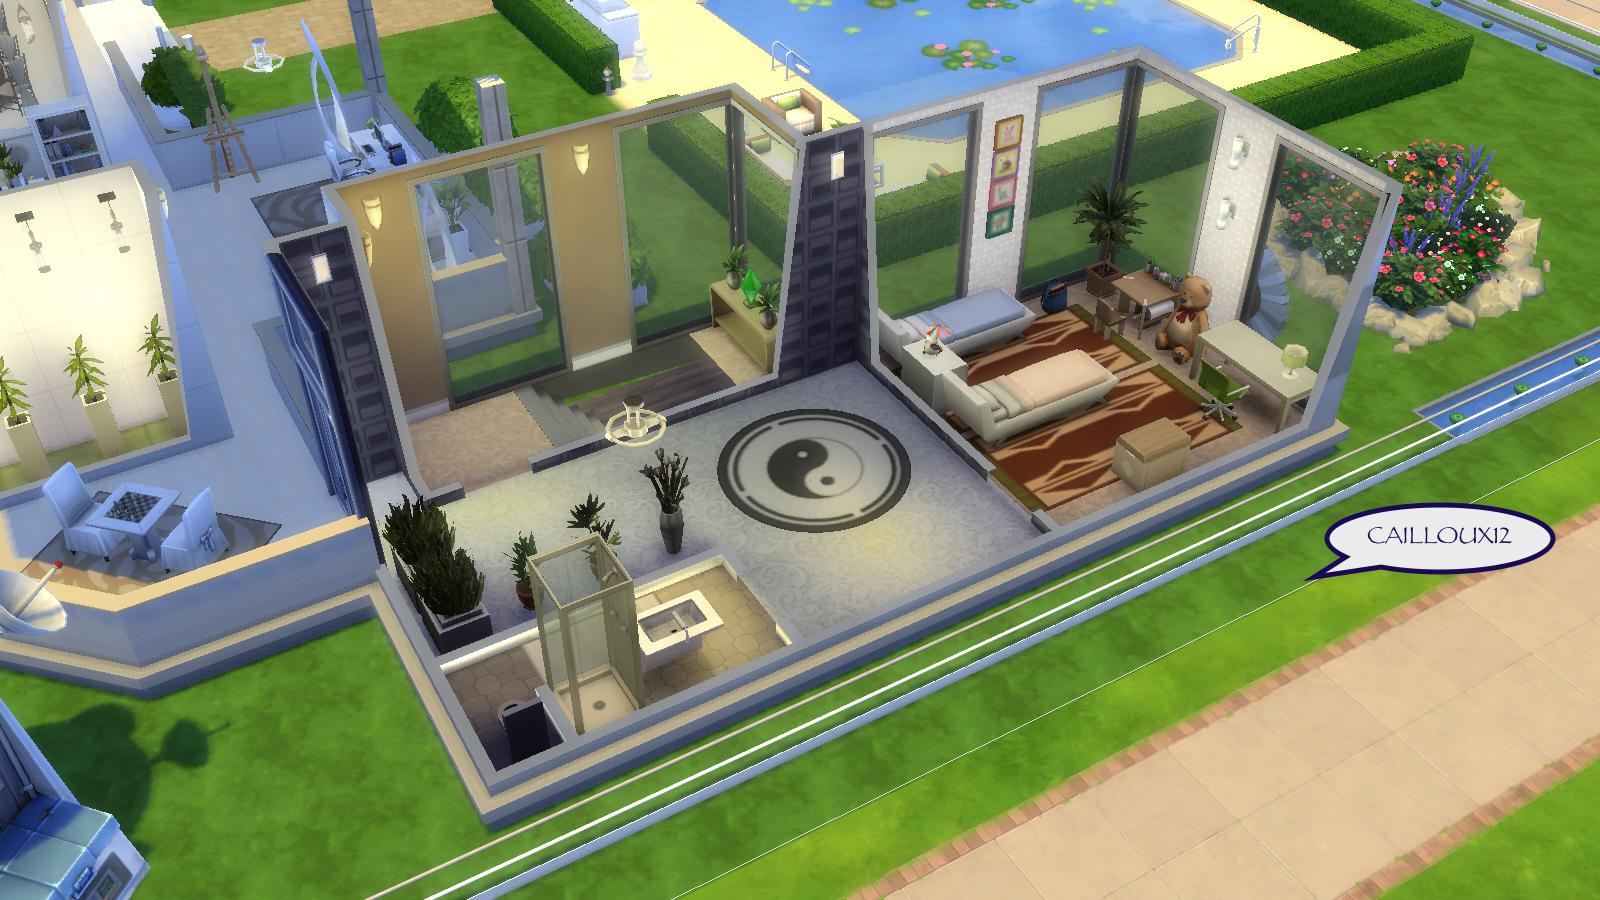 Les sims 4 créations et rénovations maisons par cailloux 12   sims ...